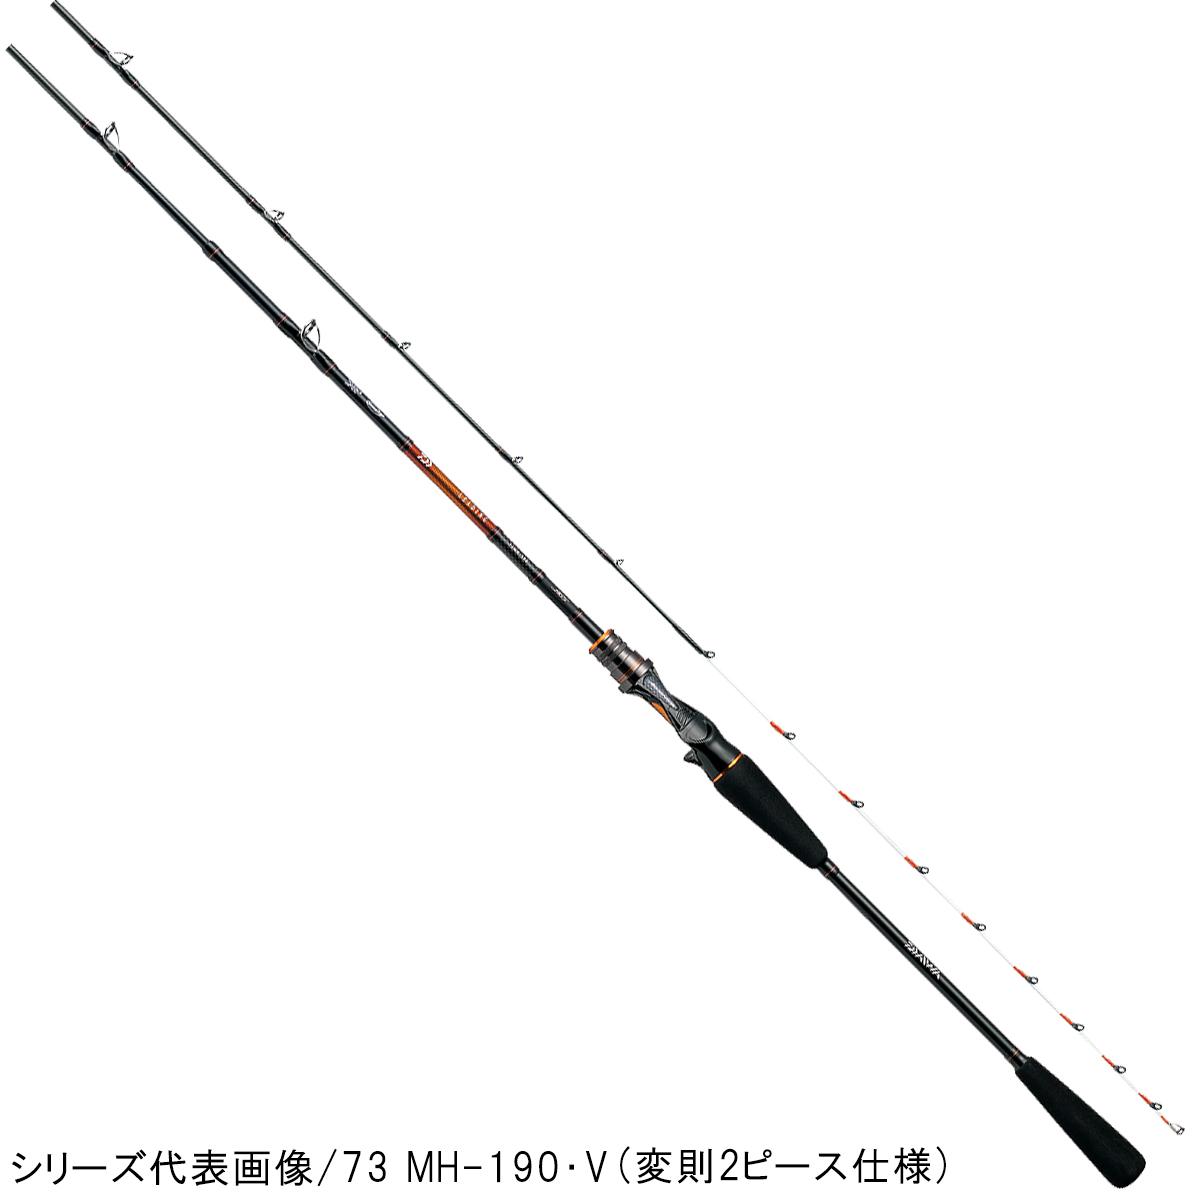 ダイワ リーディング 73 M-190・V